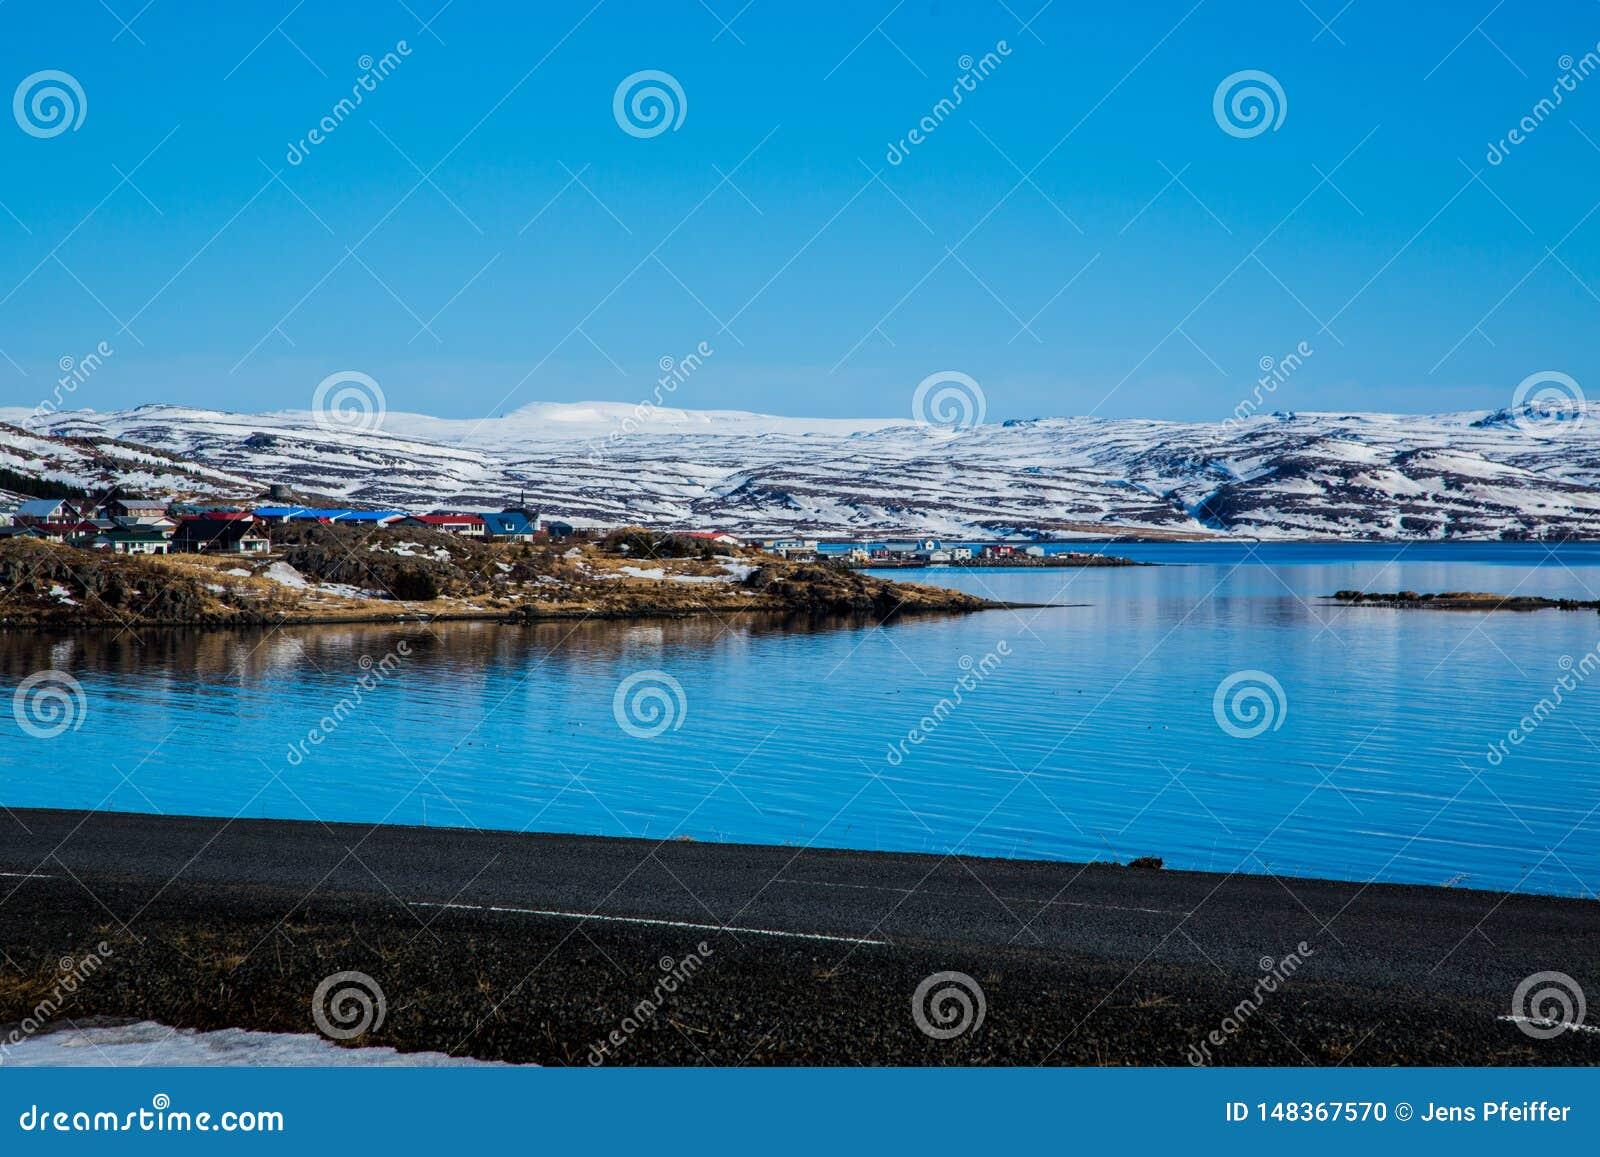 Fischerdorf im isländischen Fjord im Winter